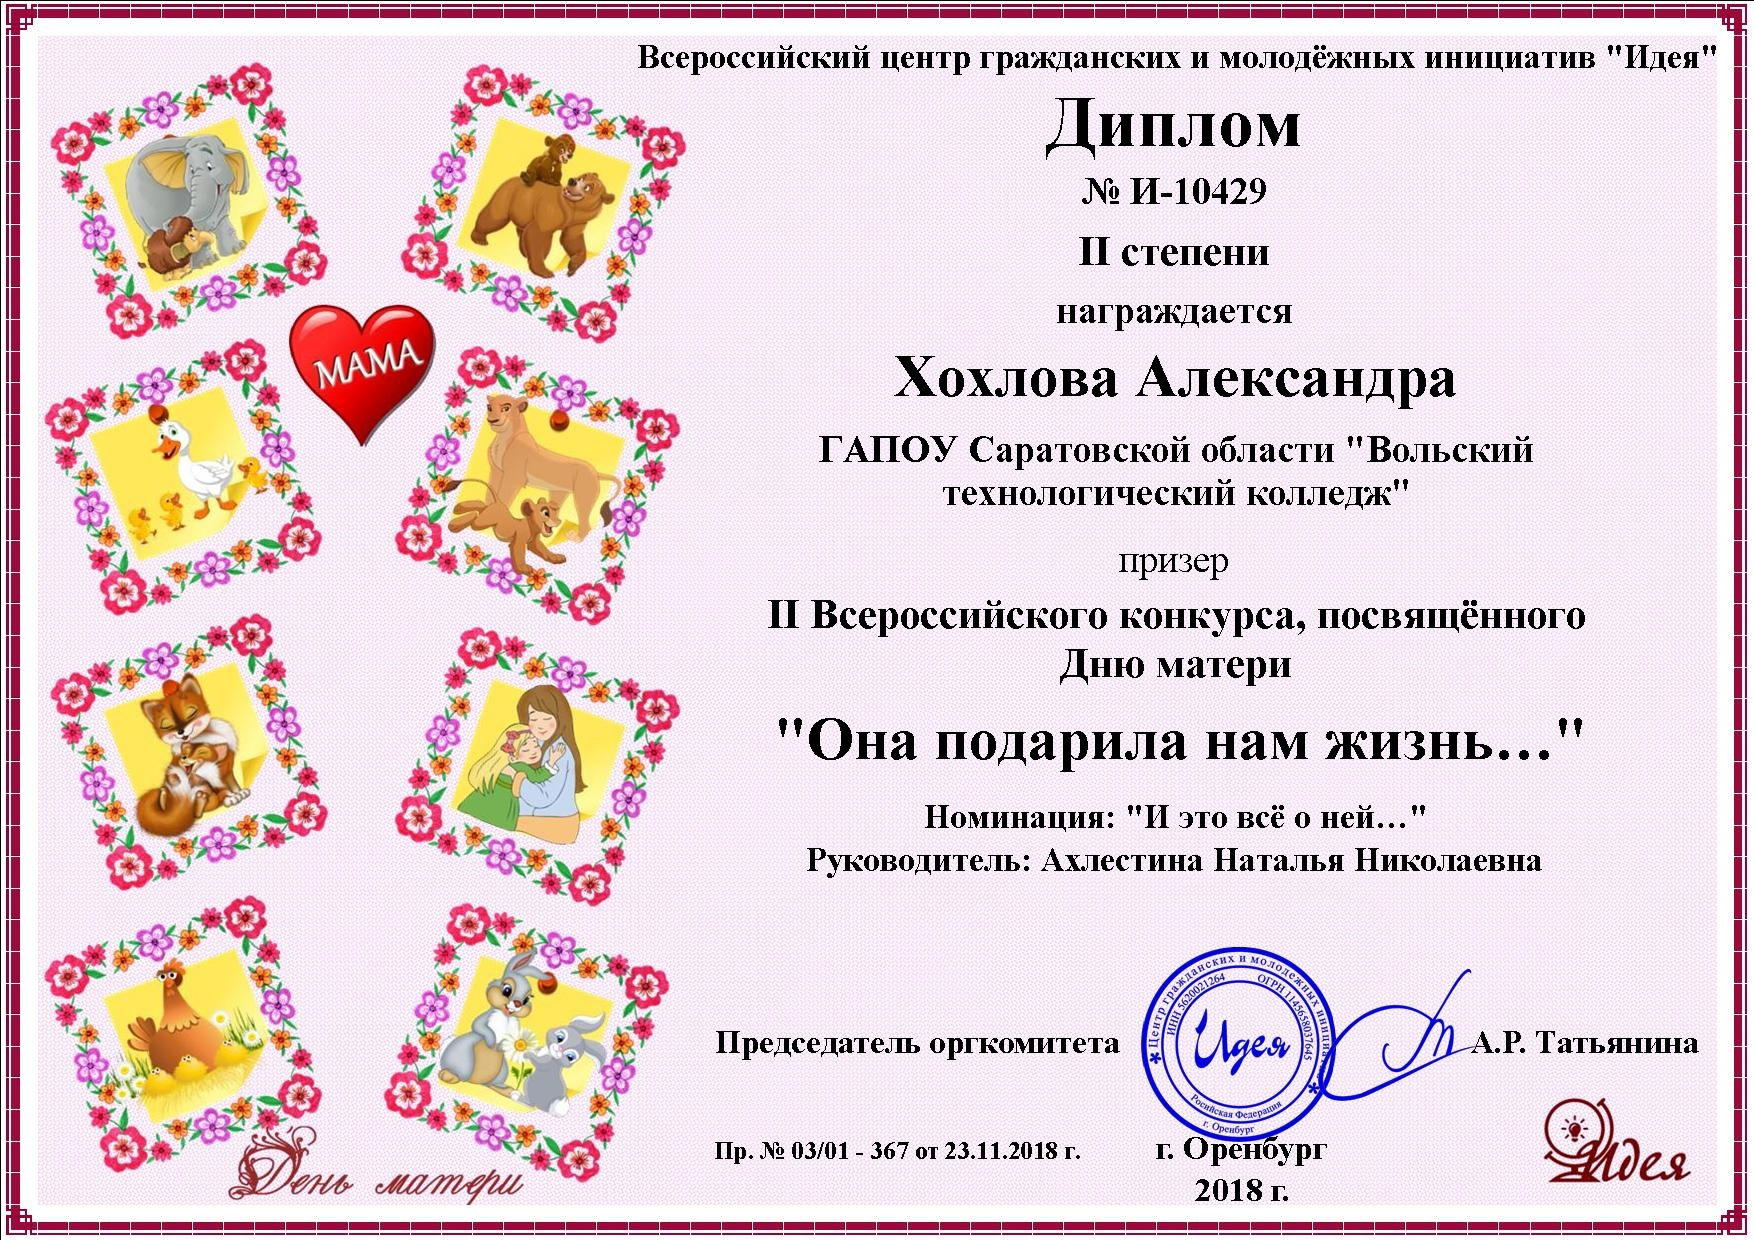 Подведены итоги II Всероссийского конкурса, посвященному Дню матери «Она подарила нам жизнь…»